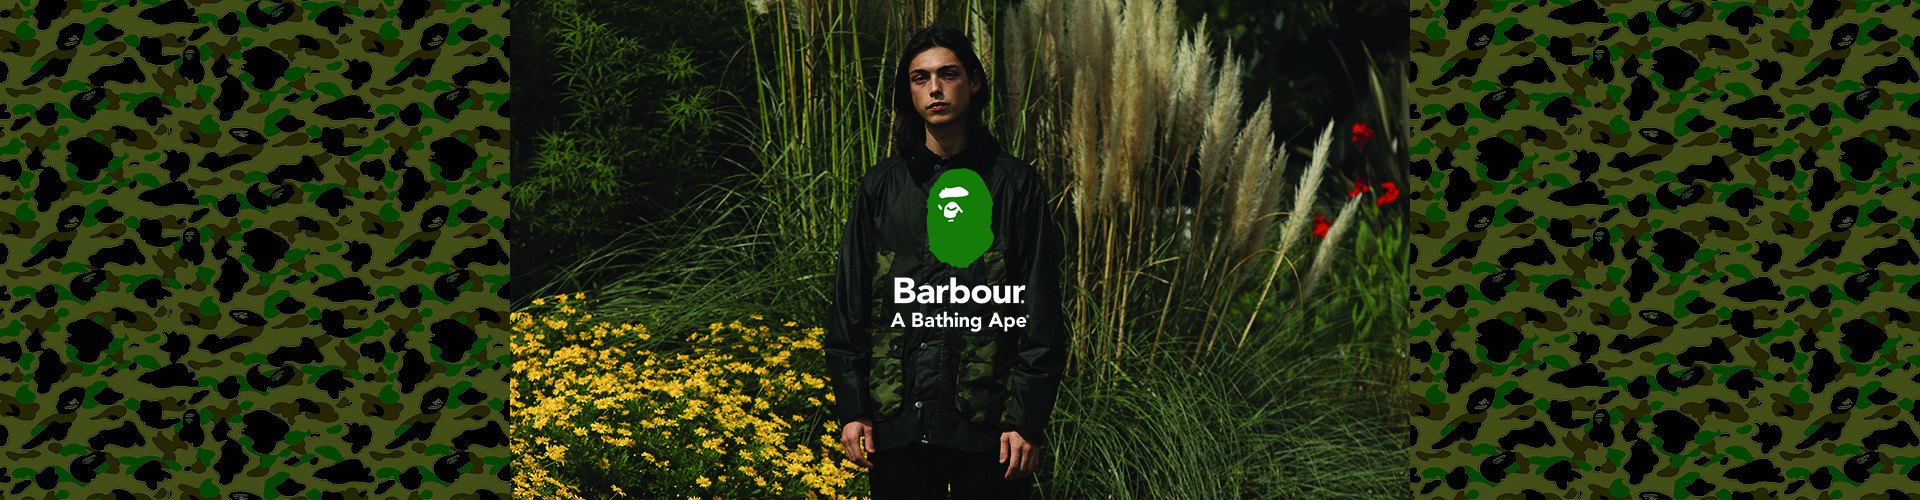 Barbour x BAPE AW21